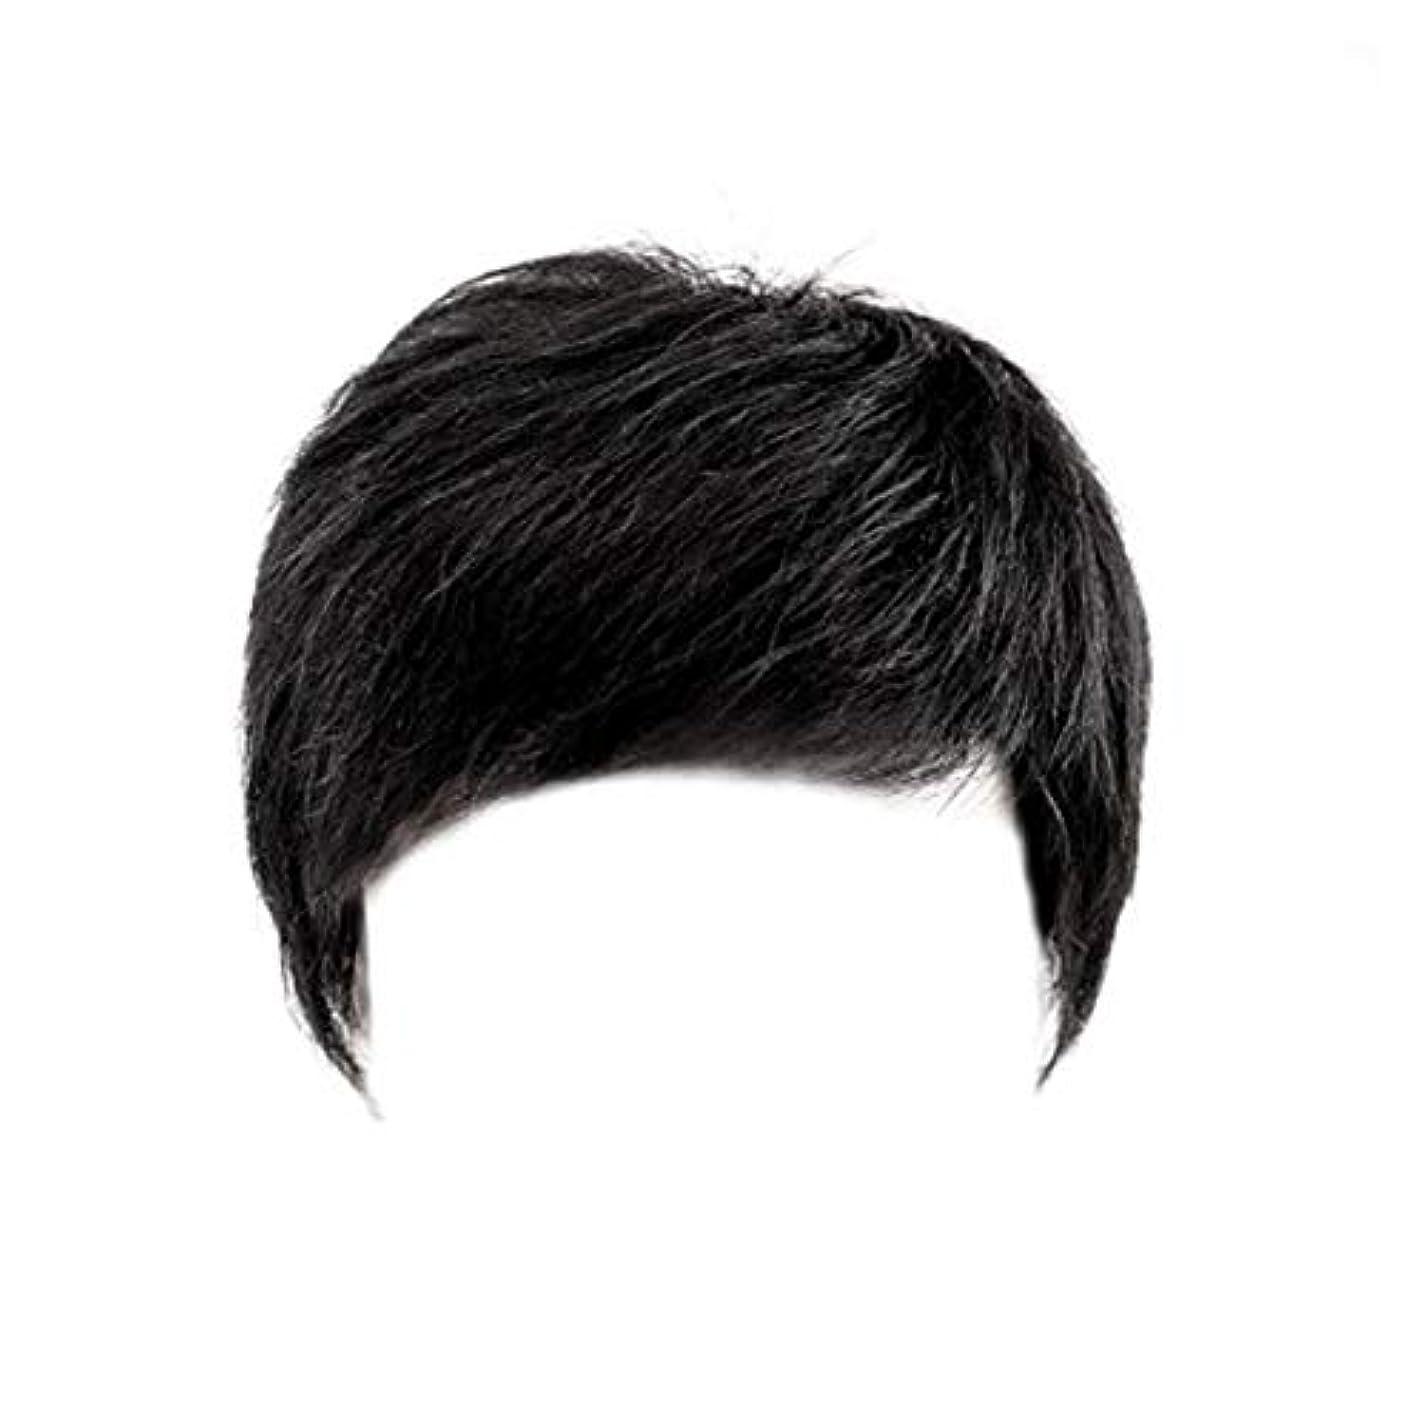 忠誠バイオリン皮肉CN ウィッグ男性ショートヘアメンズかつらハンサム中年ヘッドトップの交換の本格ヘアカバーホワイト髪のセットの帽子 (Color : Black)